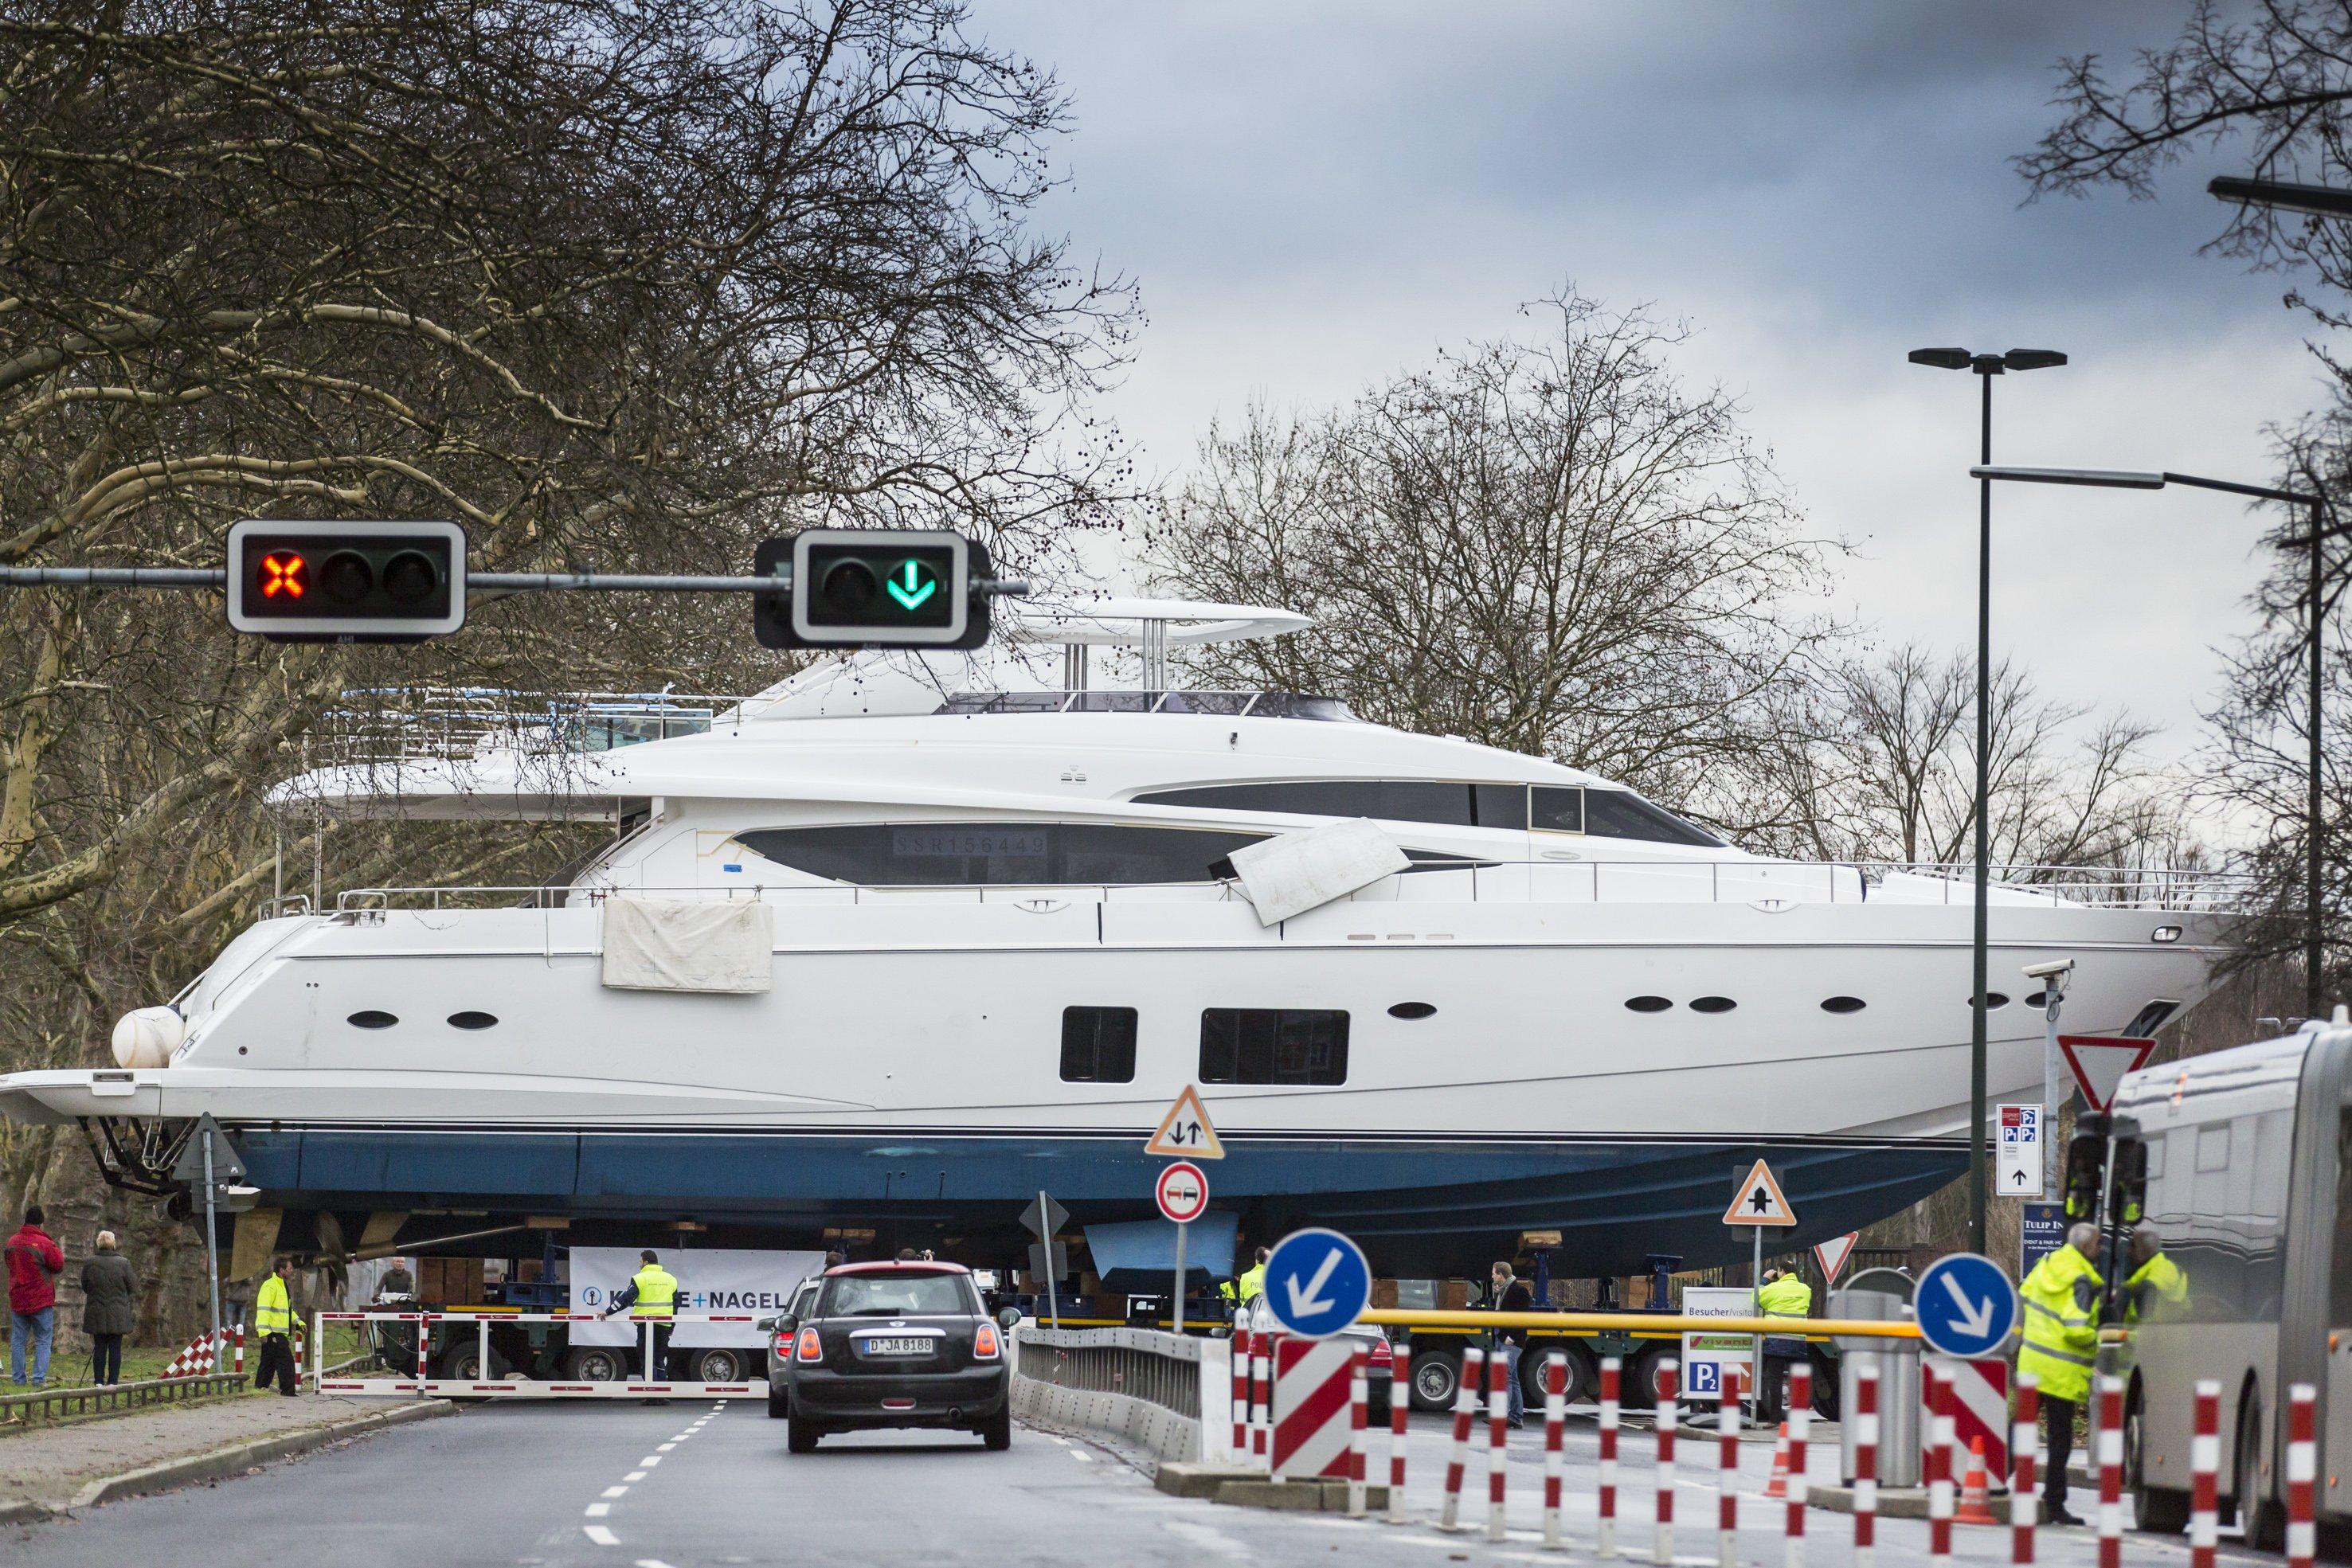 Transport der Princess MY 98 zur Messe Boot in Düsseldorf:Die Princess ist mit 30 Metern Länge und 100 Tonnen Gewicht die größte Yacht der Boot 2014. Und mit einem Preis von 6,9 Millionen Euro auch das teuerste Ausstellungsstück.